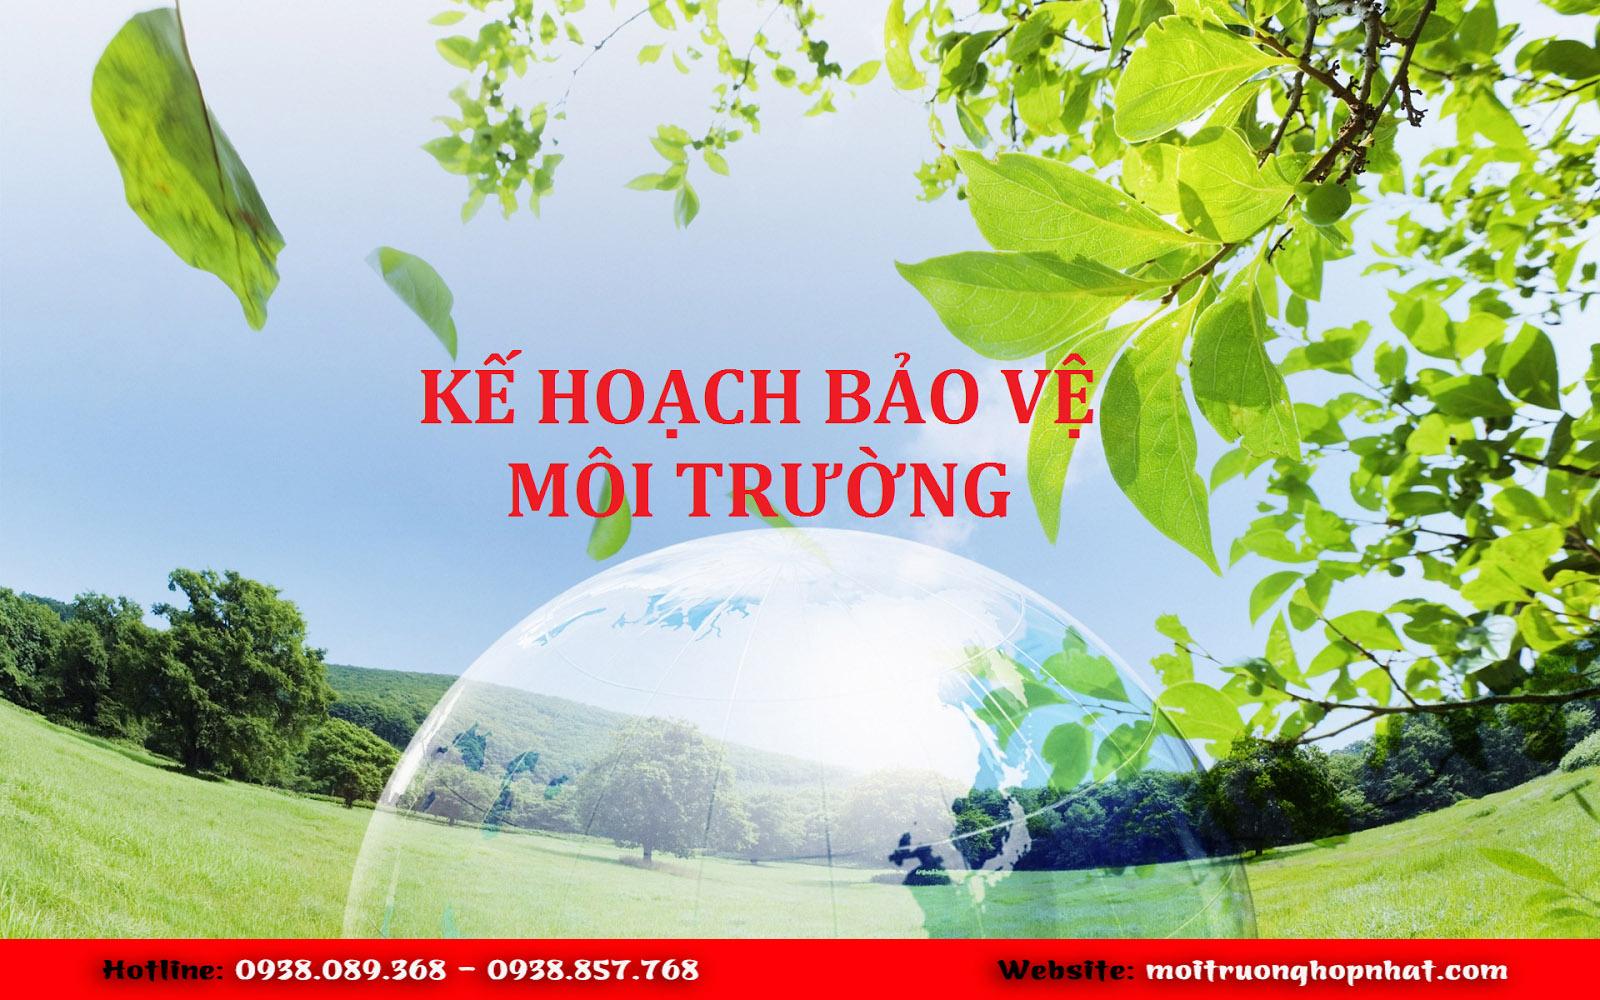 Tư vấn, lập kế hoạch bảo vệ môi trường